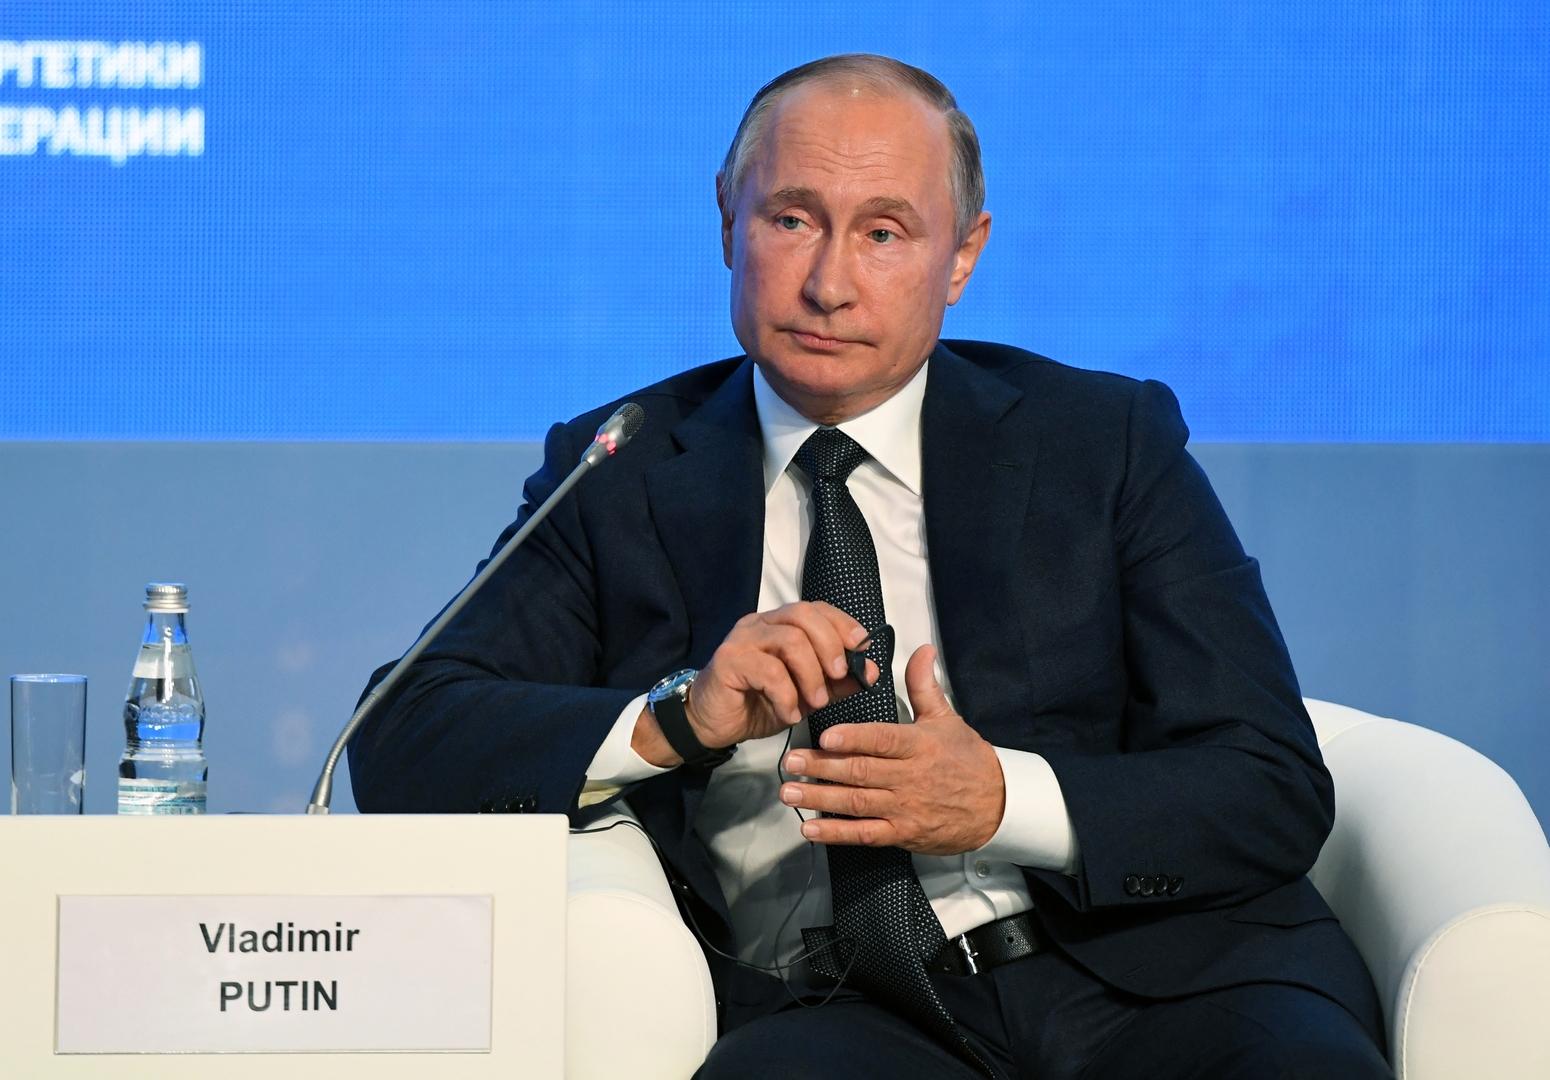 بوتين يوافق على مشروع لضخ الغاز الروسي إلى الصين عبر منغوليا